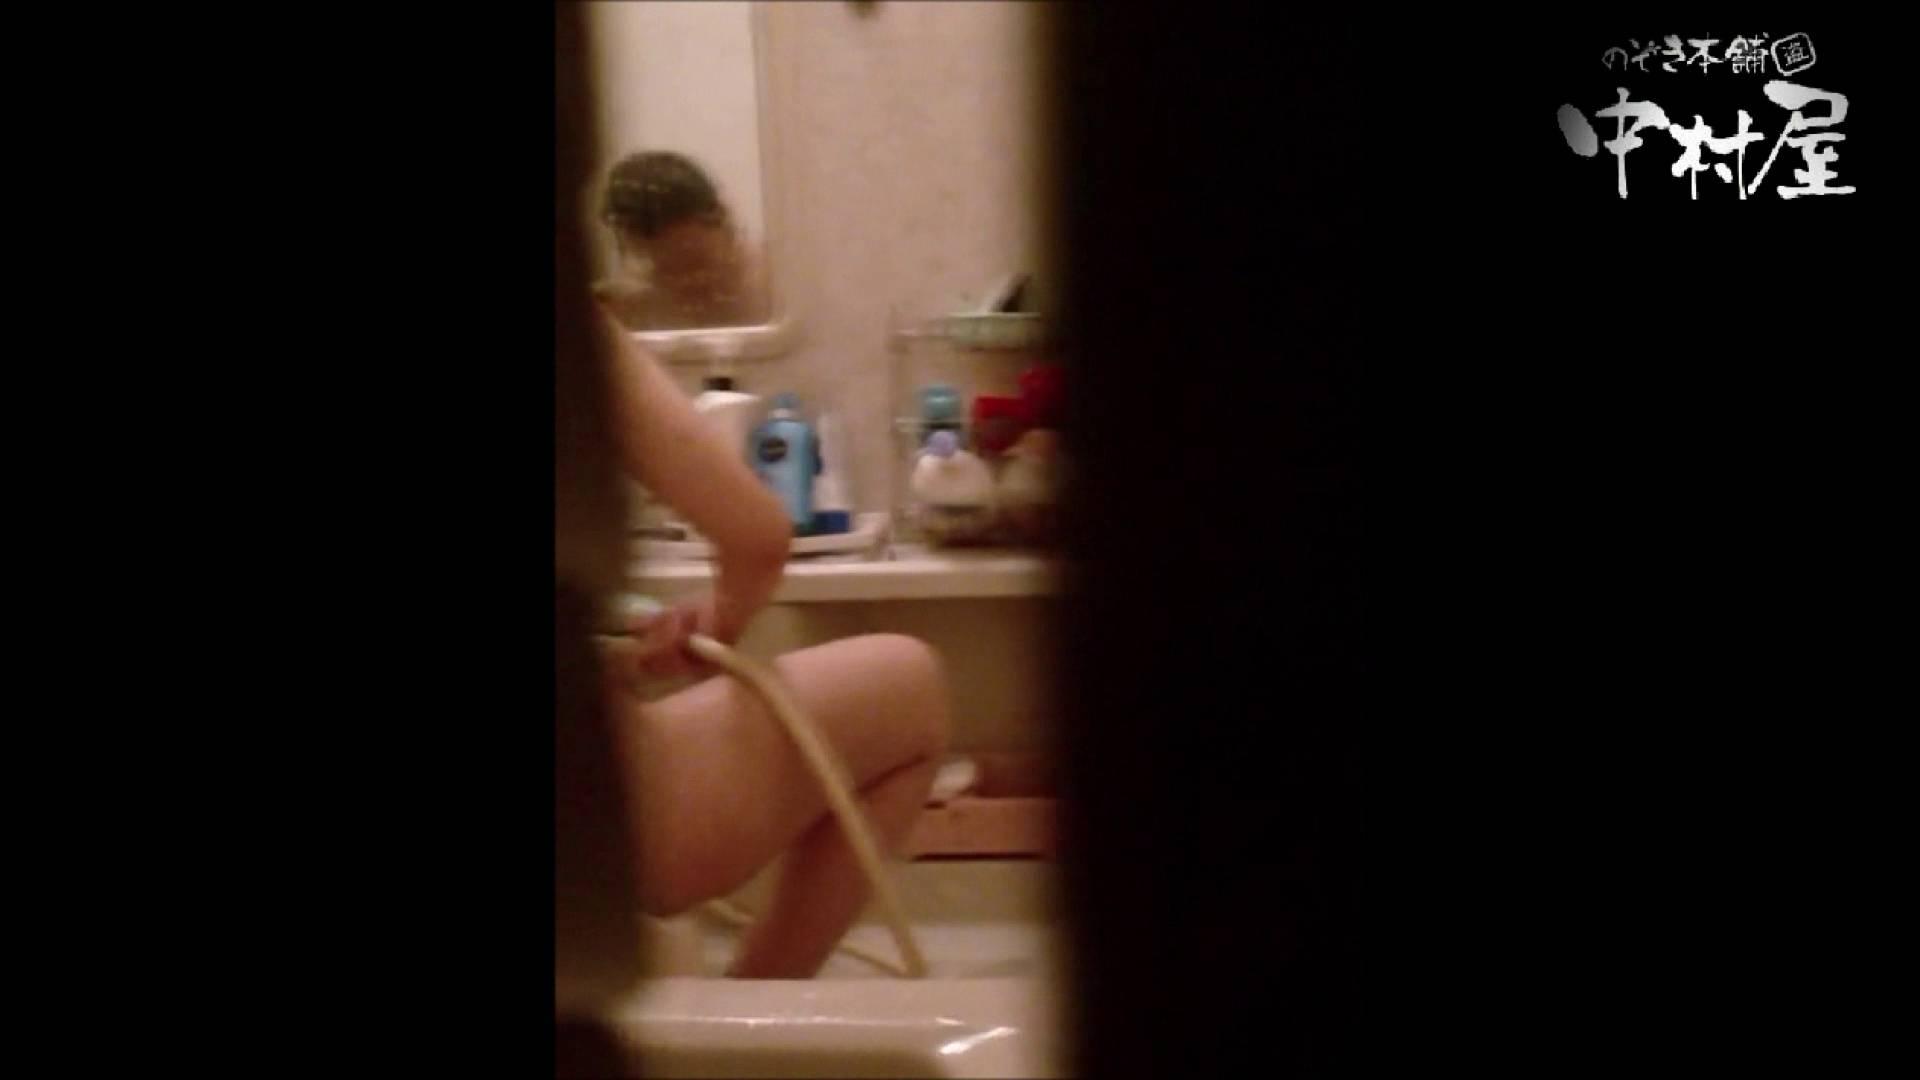 雅さんの独断と偏見で集めた動画集 民家Vol.4 ギャルのエロ動画 SEX無修正画像 111PIX 77